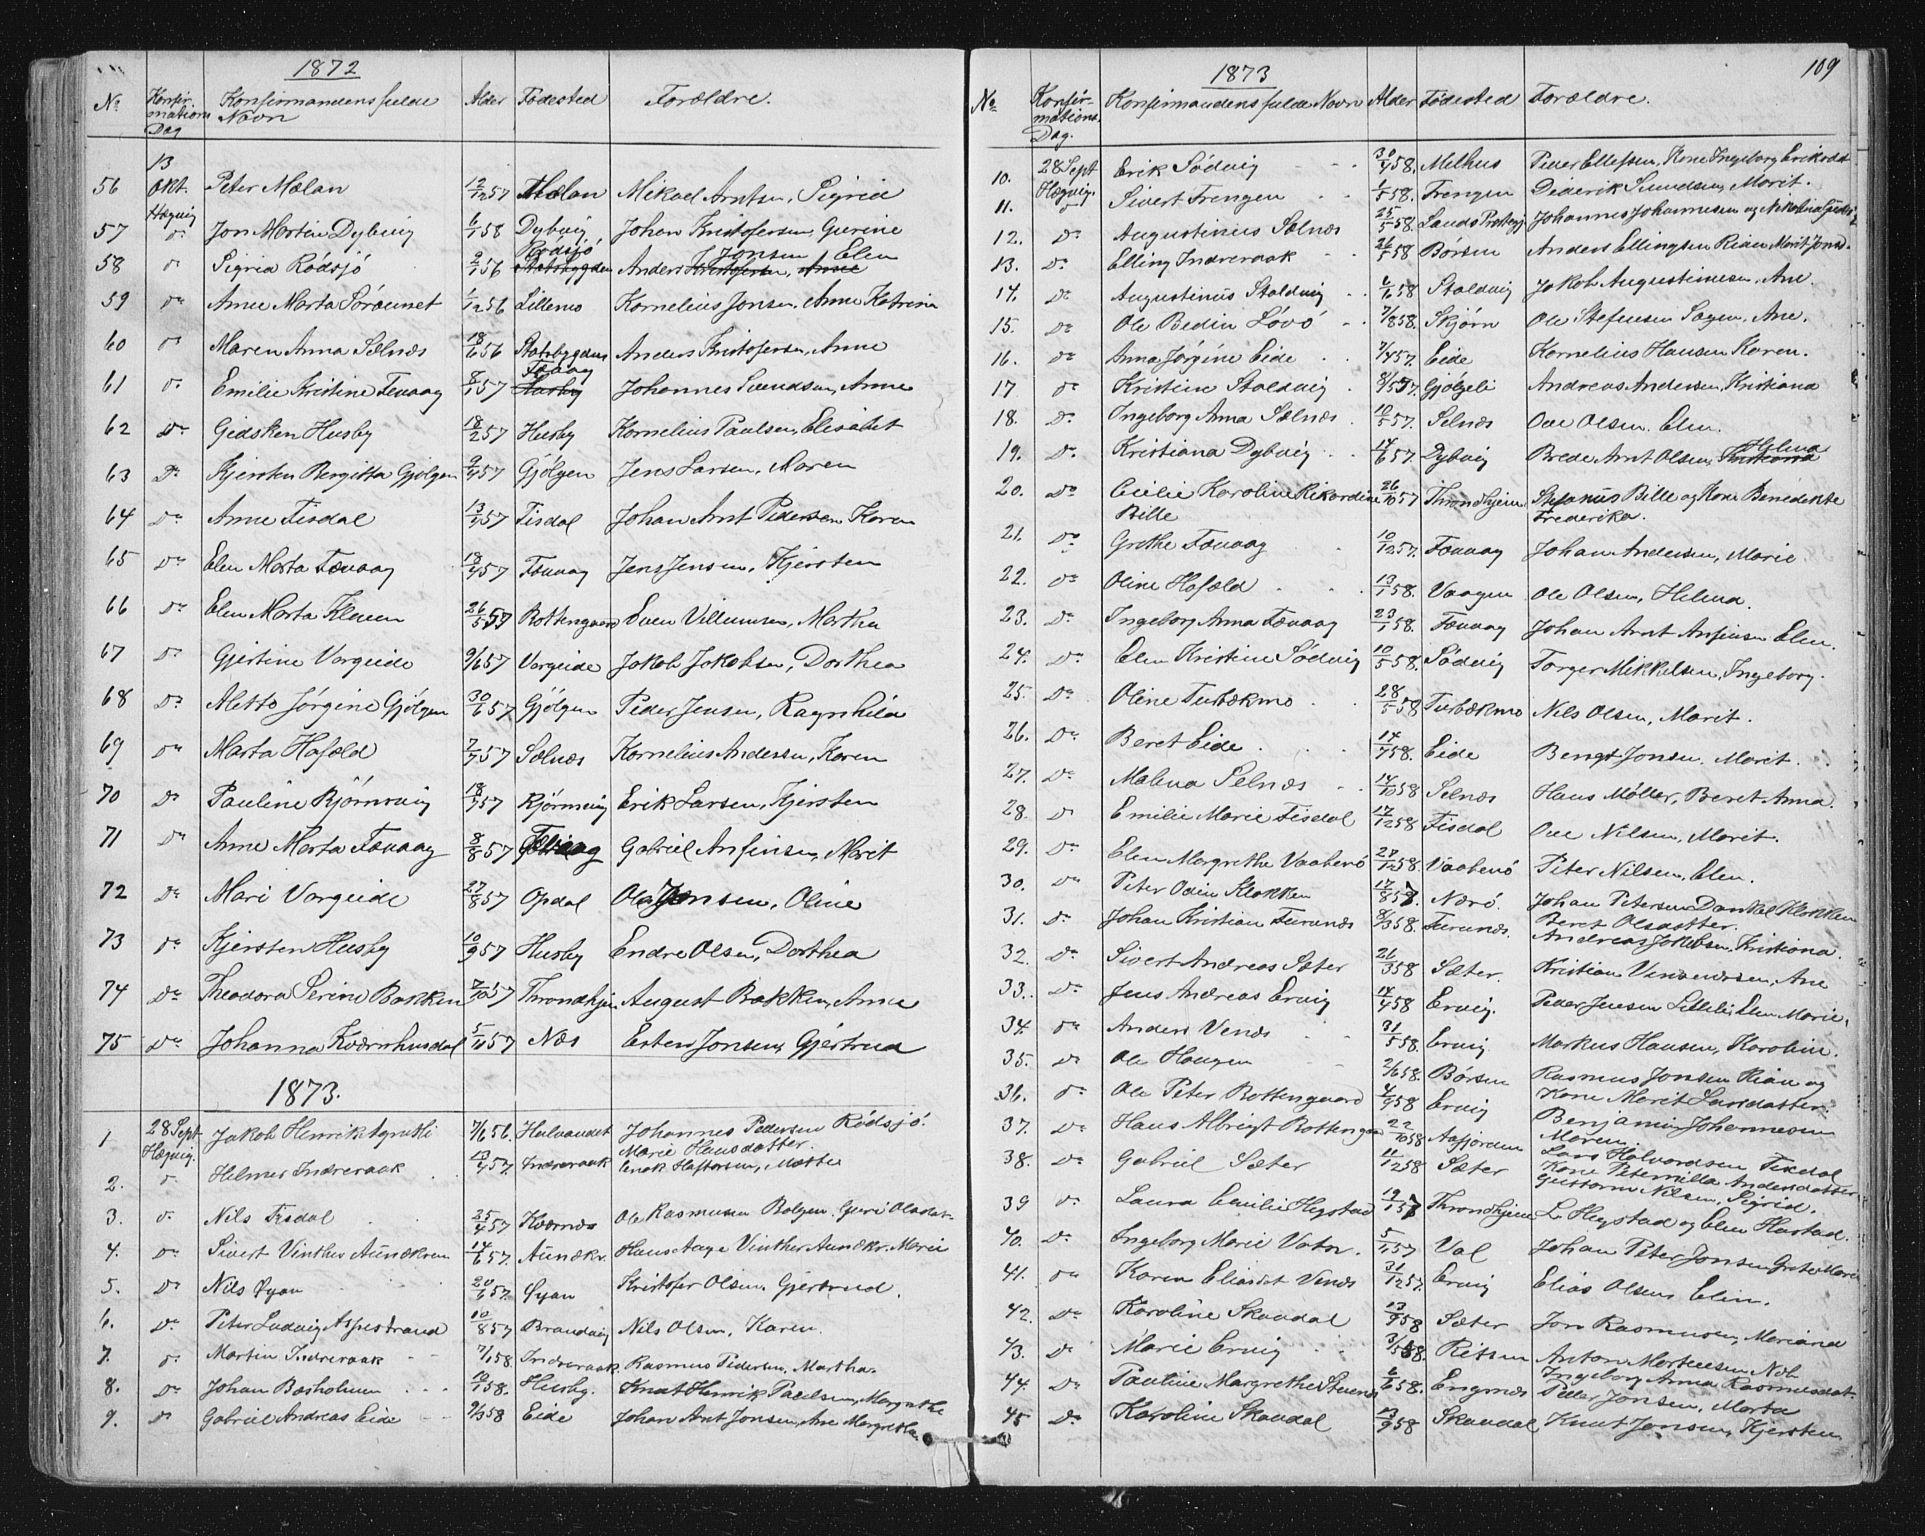 SAT, Ministerialprotokoller, klokkerbøker og fødselsregistre - Sør-Trøndelag, 651/L0647: Klokkerbok nr. 651C01, 1866-1914, s. 109